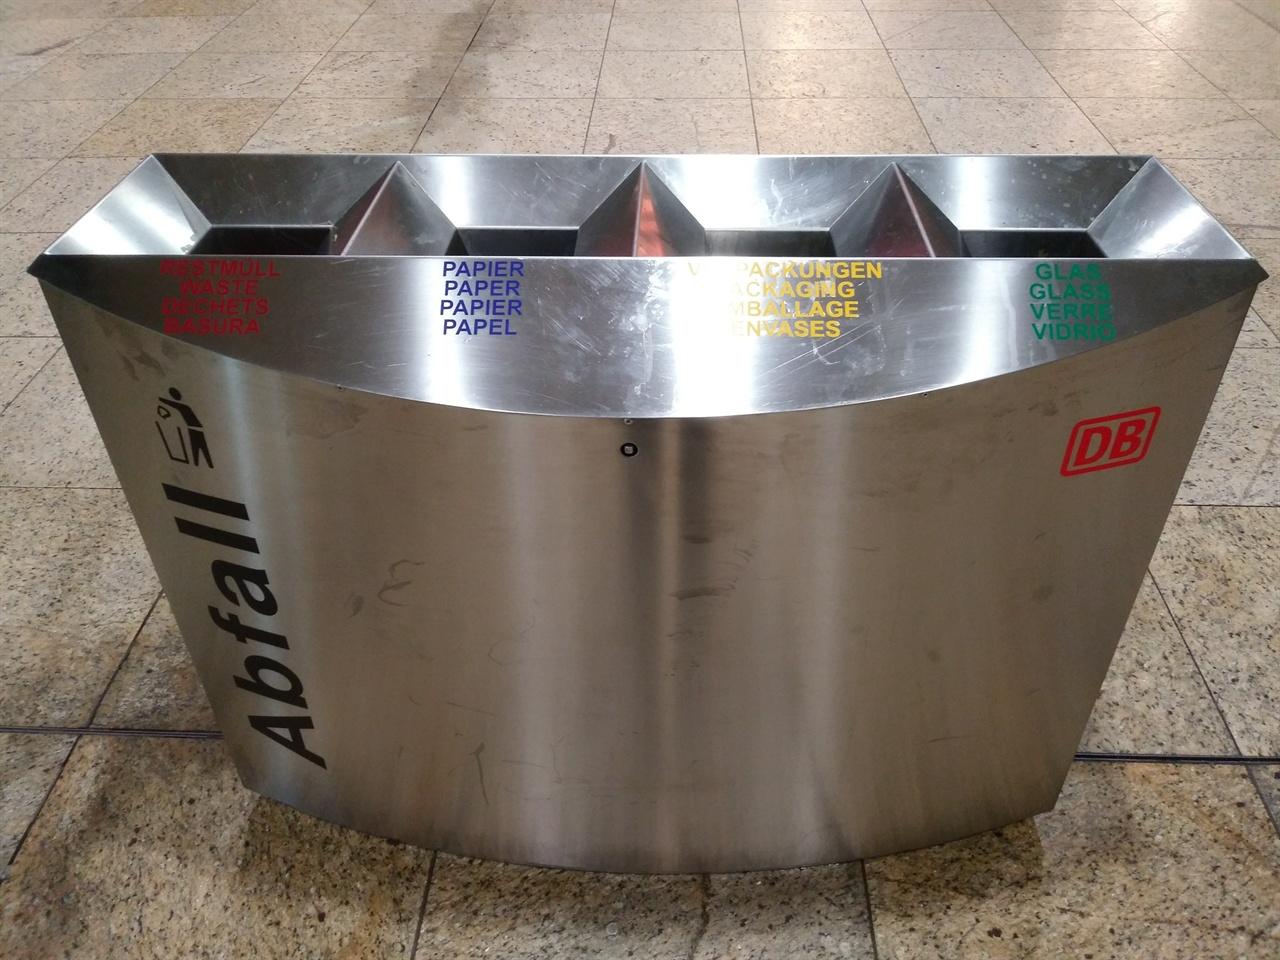 길거리의 쓰레기통 분리수거용 쓰레기통이 같은 크기와 모양으로 거리 곳곳에 설치되어 있는데, 하나같이 쓰레기통 안팎이 말끔하게 치워져있다.